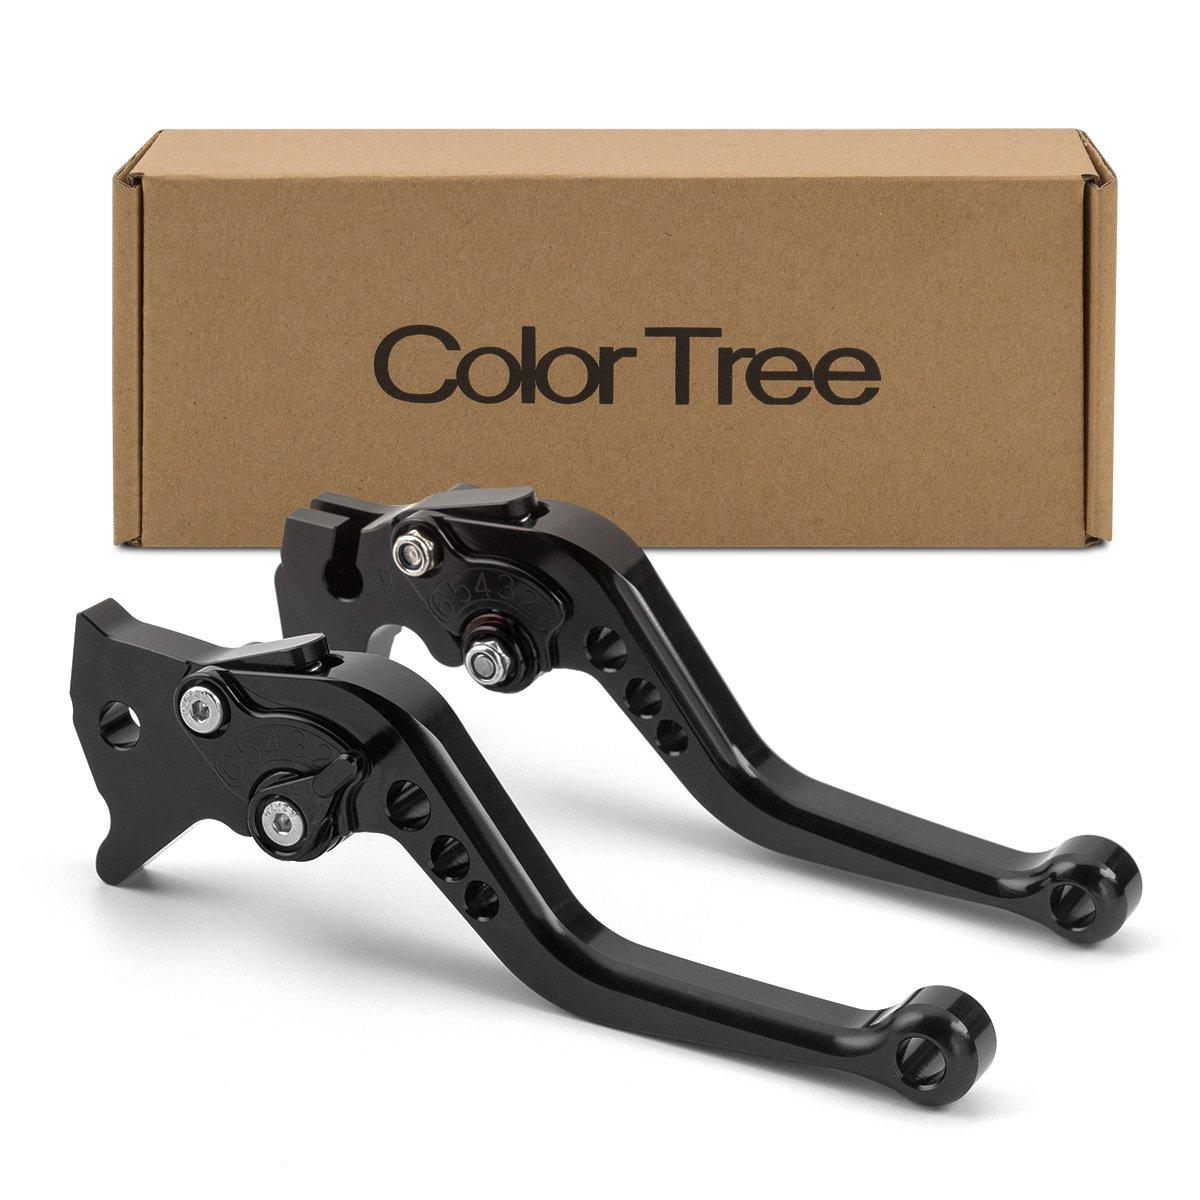 color tree Motorcycle Short Adjustable Billet Brake Clutch CNC Levers fit for Triumph SPEEDMASTER/AMERICA/LT/SCRAMBLER 06-16,TIGER 1050/Sport 07-16,SPRINT GT 11-15